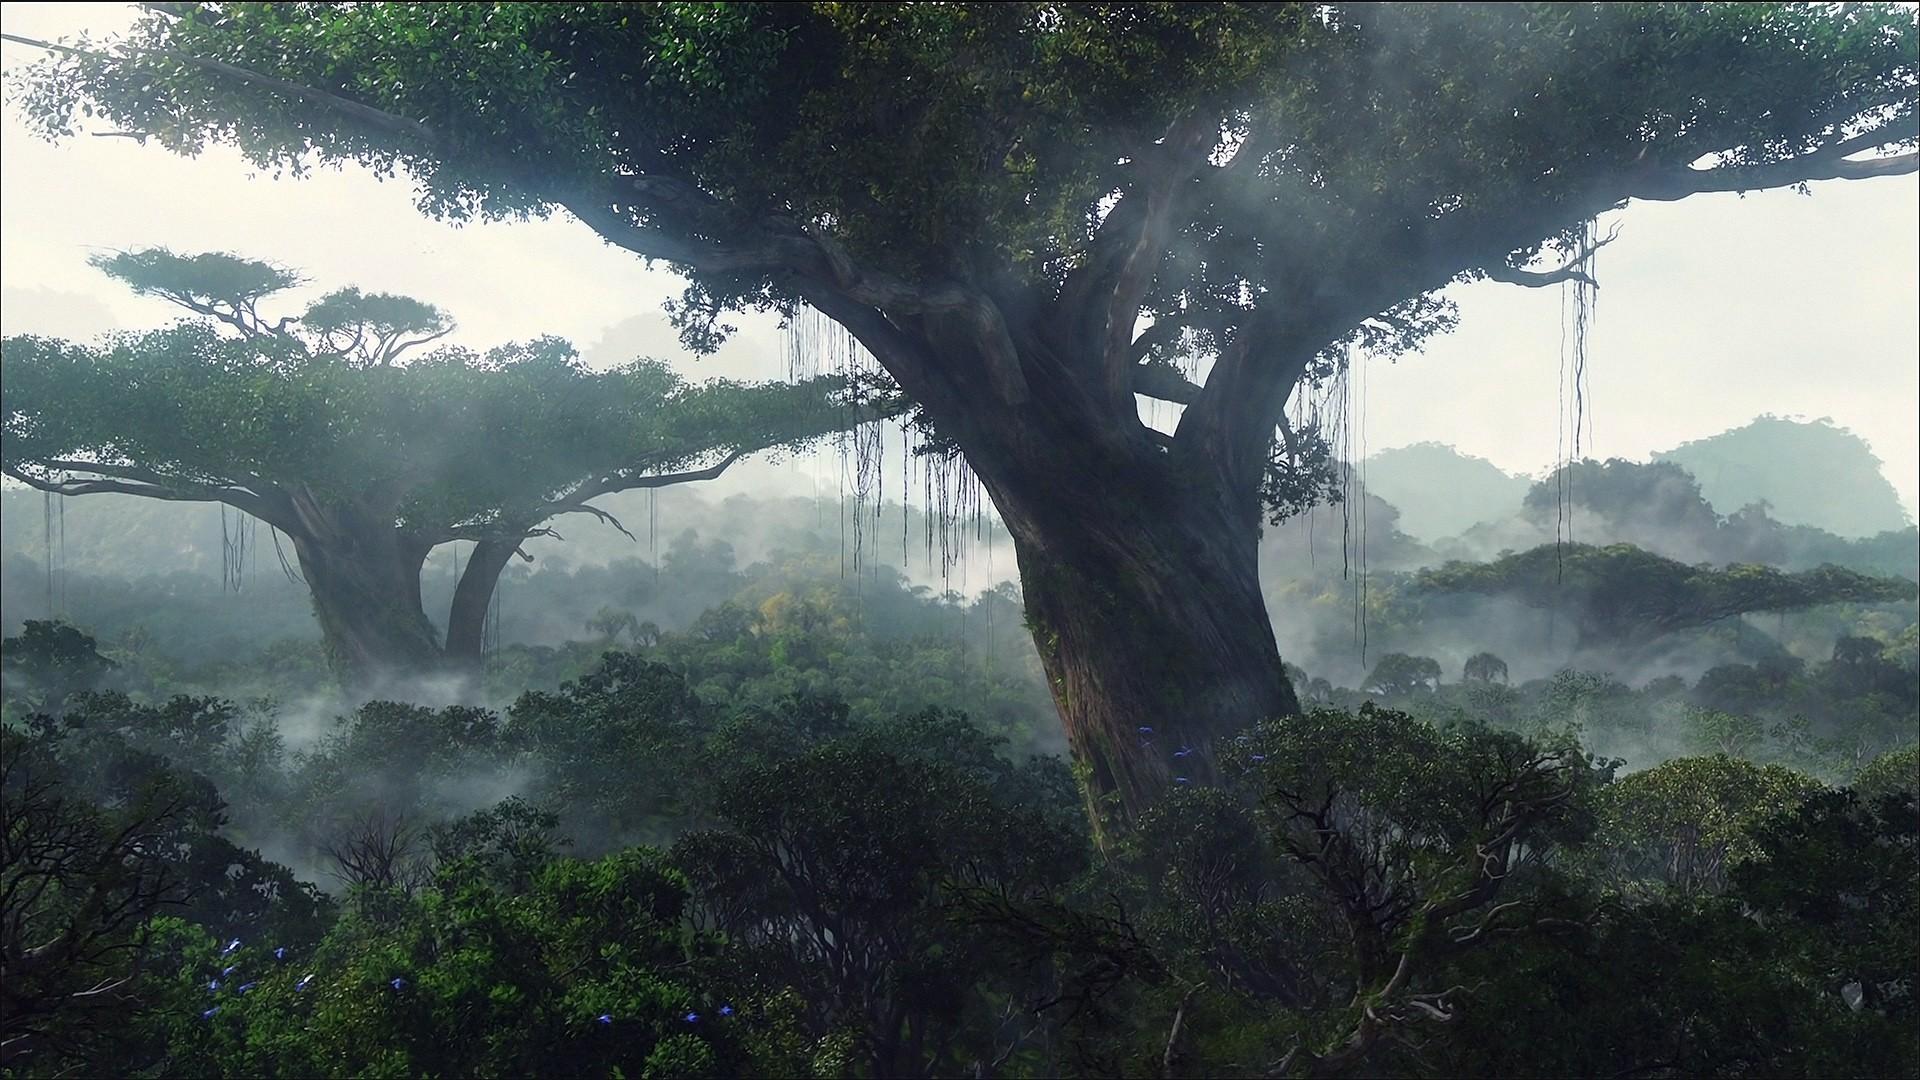 trees landscape jungle forest fog mist wallpaper 1920x1080 80328 wallpaperup. Black Bedroom Furniture Sets. Home Design Ideas